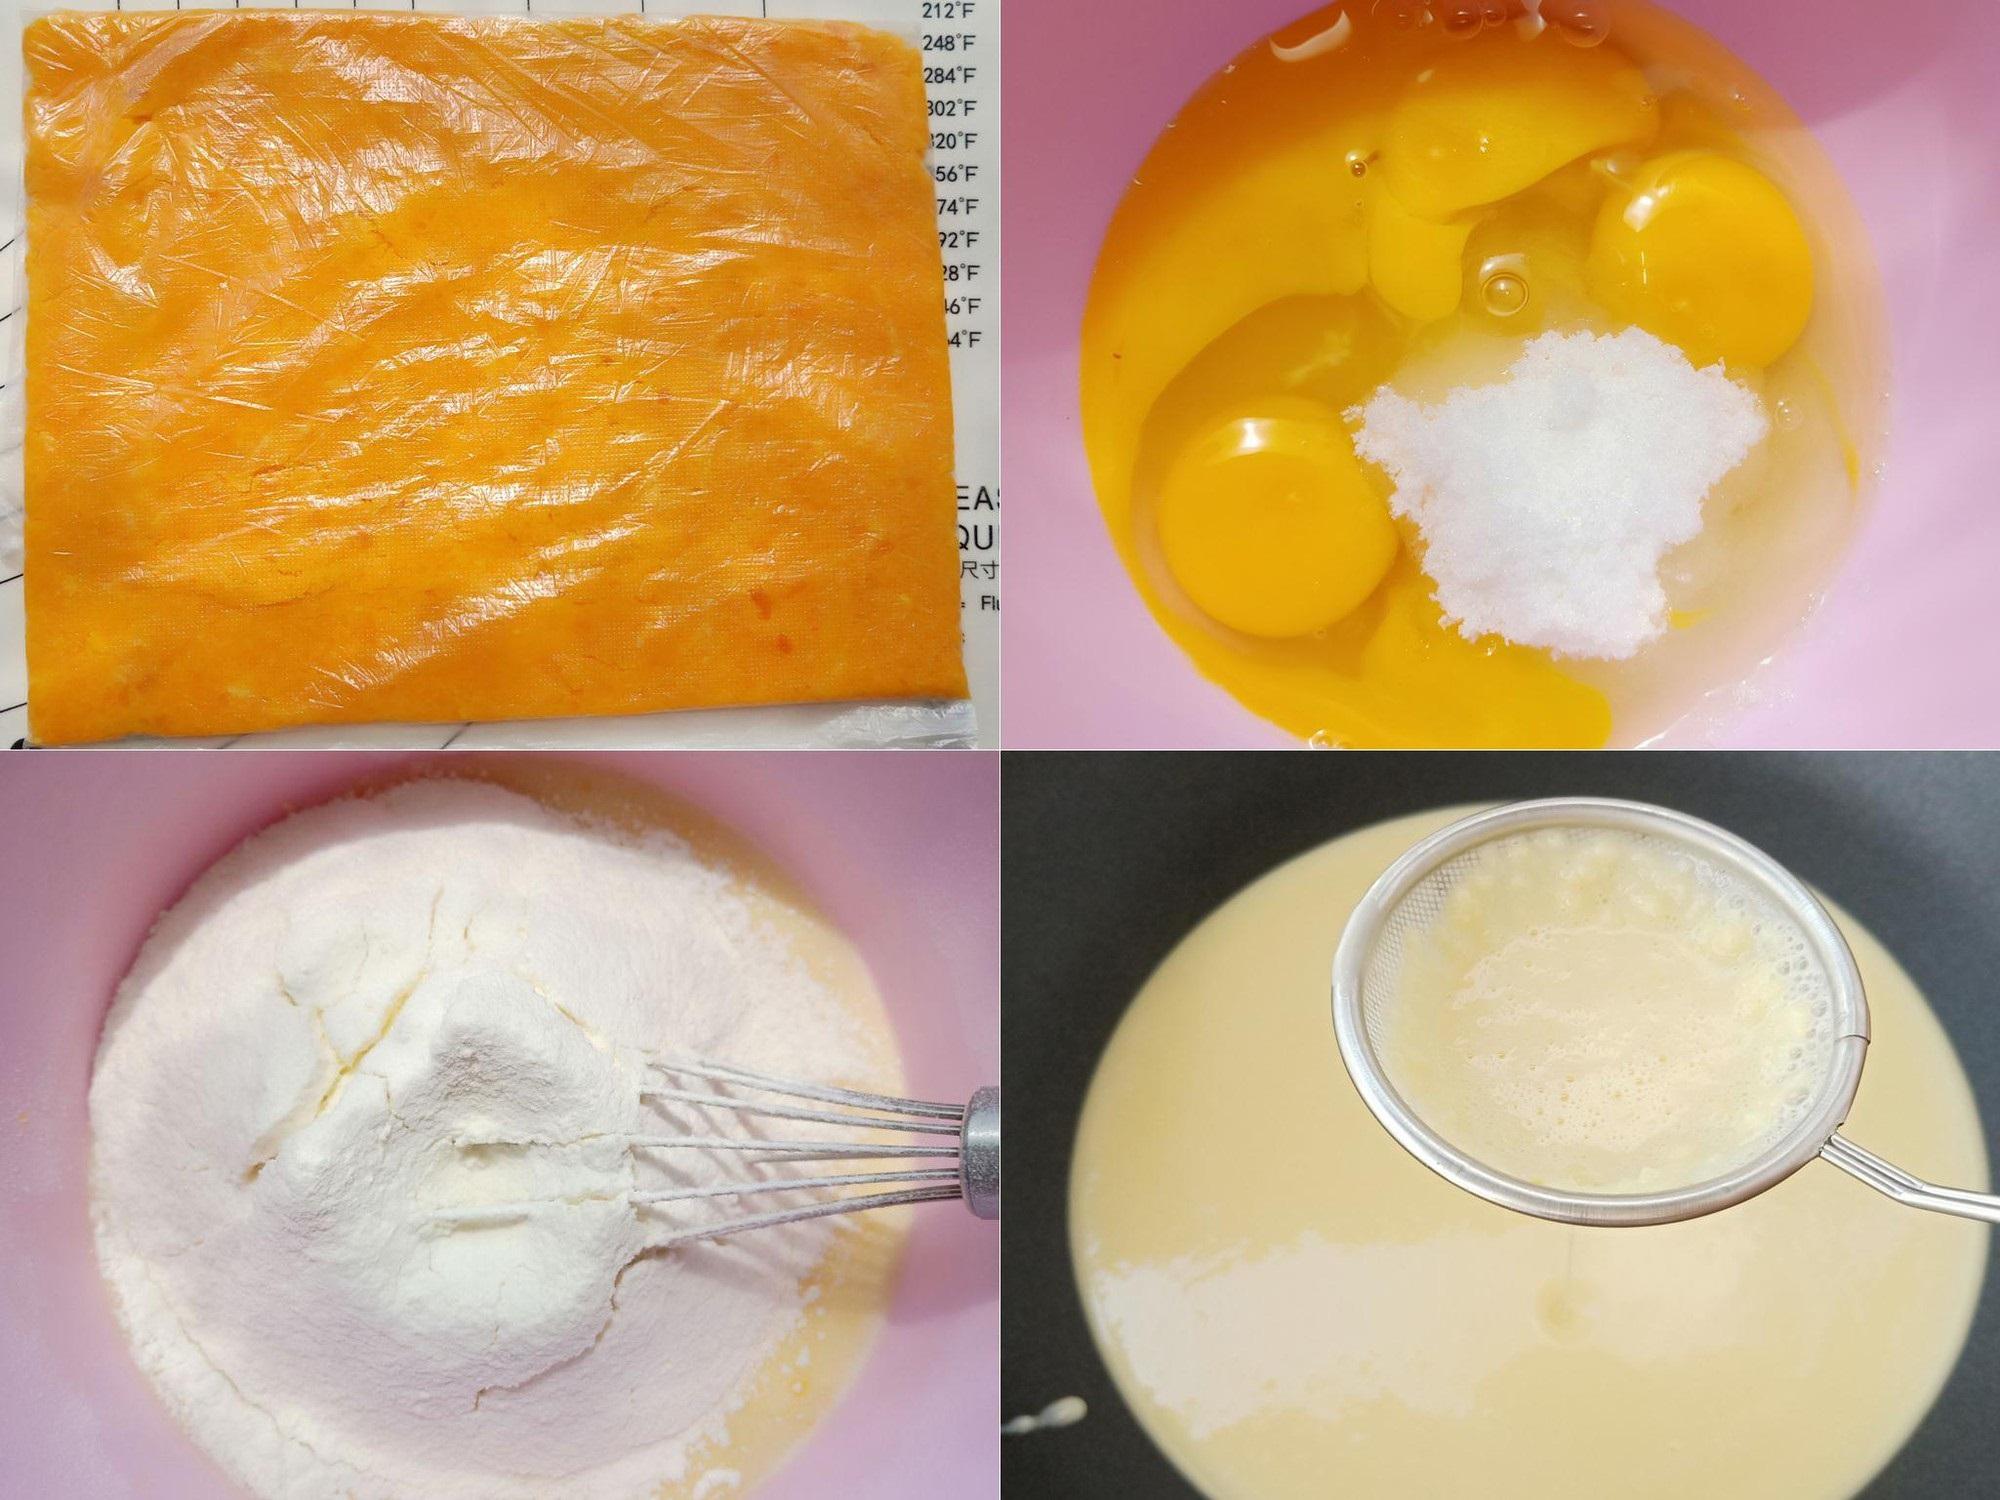 """Khỏi tốn """"núi tiền"""" khi bạn tự làm món bánh Trung Thu kem trứng muối đang siêu hot này một cách rất dễ dàng - Ảnh 1"""